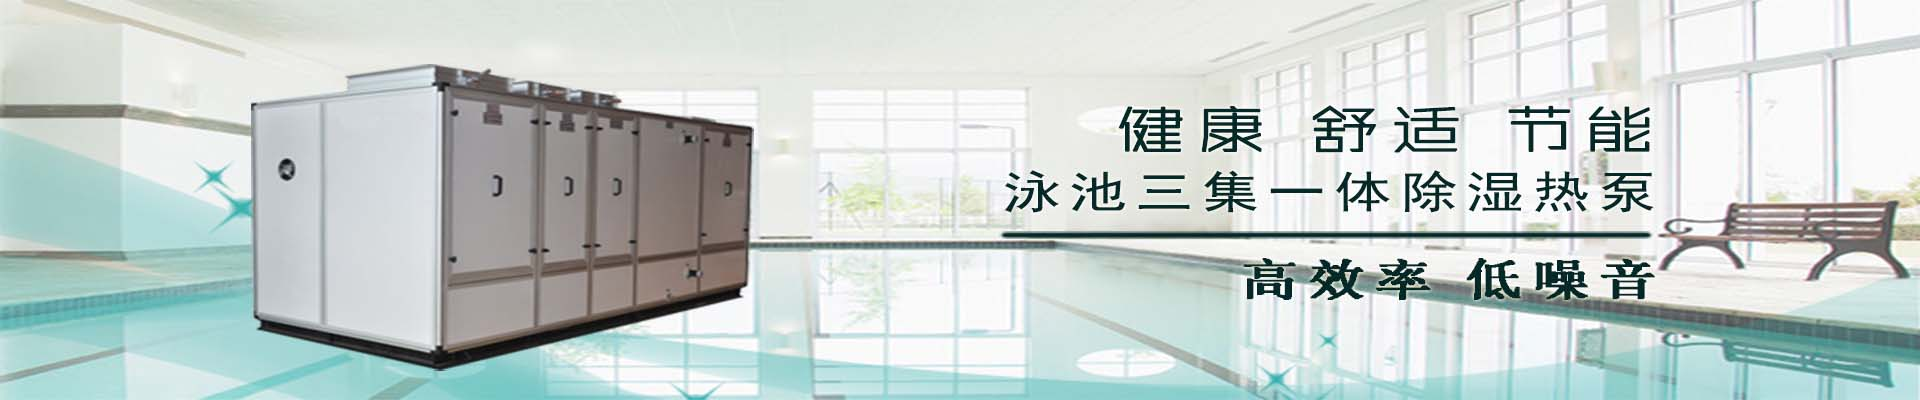 南京法维莱电器有限公司